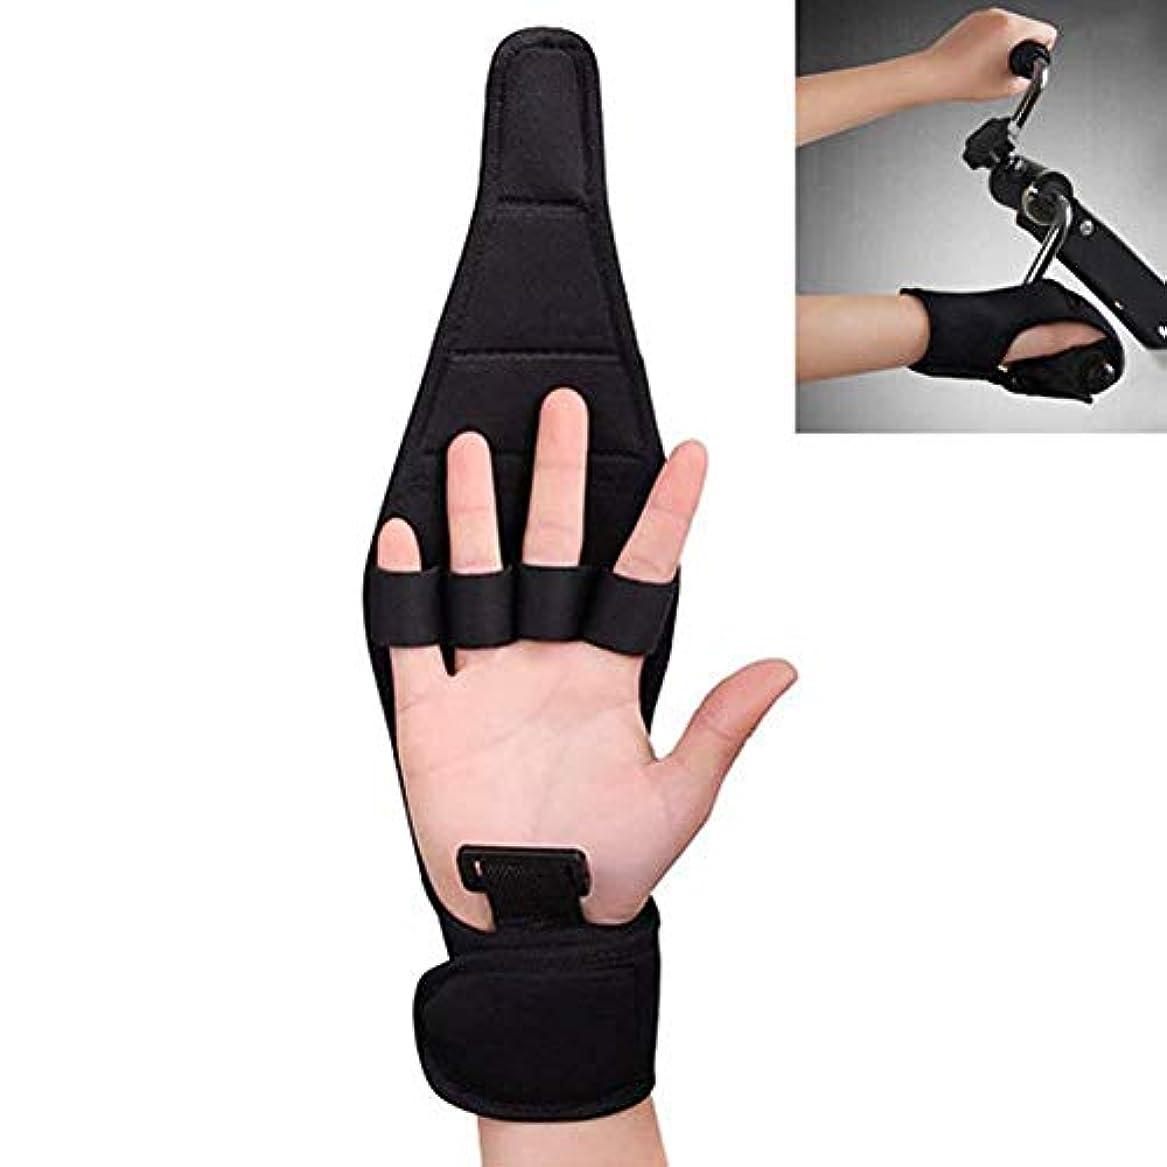 削除する溢れんばかりの広まったトリガーフィンガースプリント、関節炎グローブセパレーターでのトレーニングサポートをサポート手装具手首の怪我リハビリテーショントレーニング,1PCS